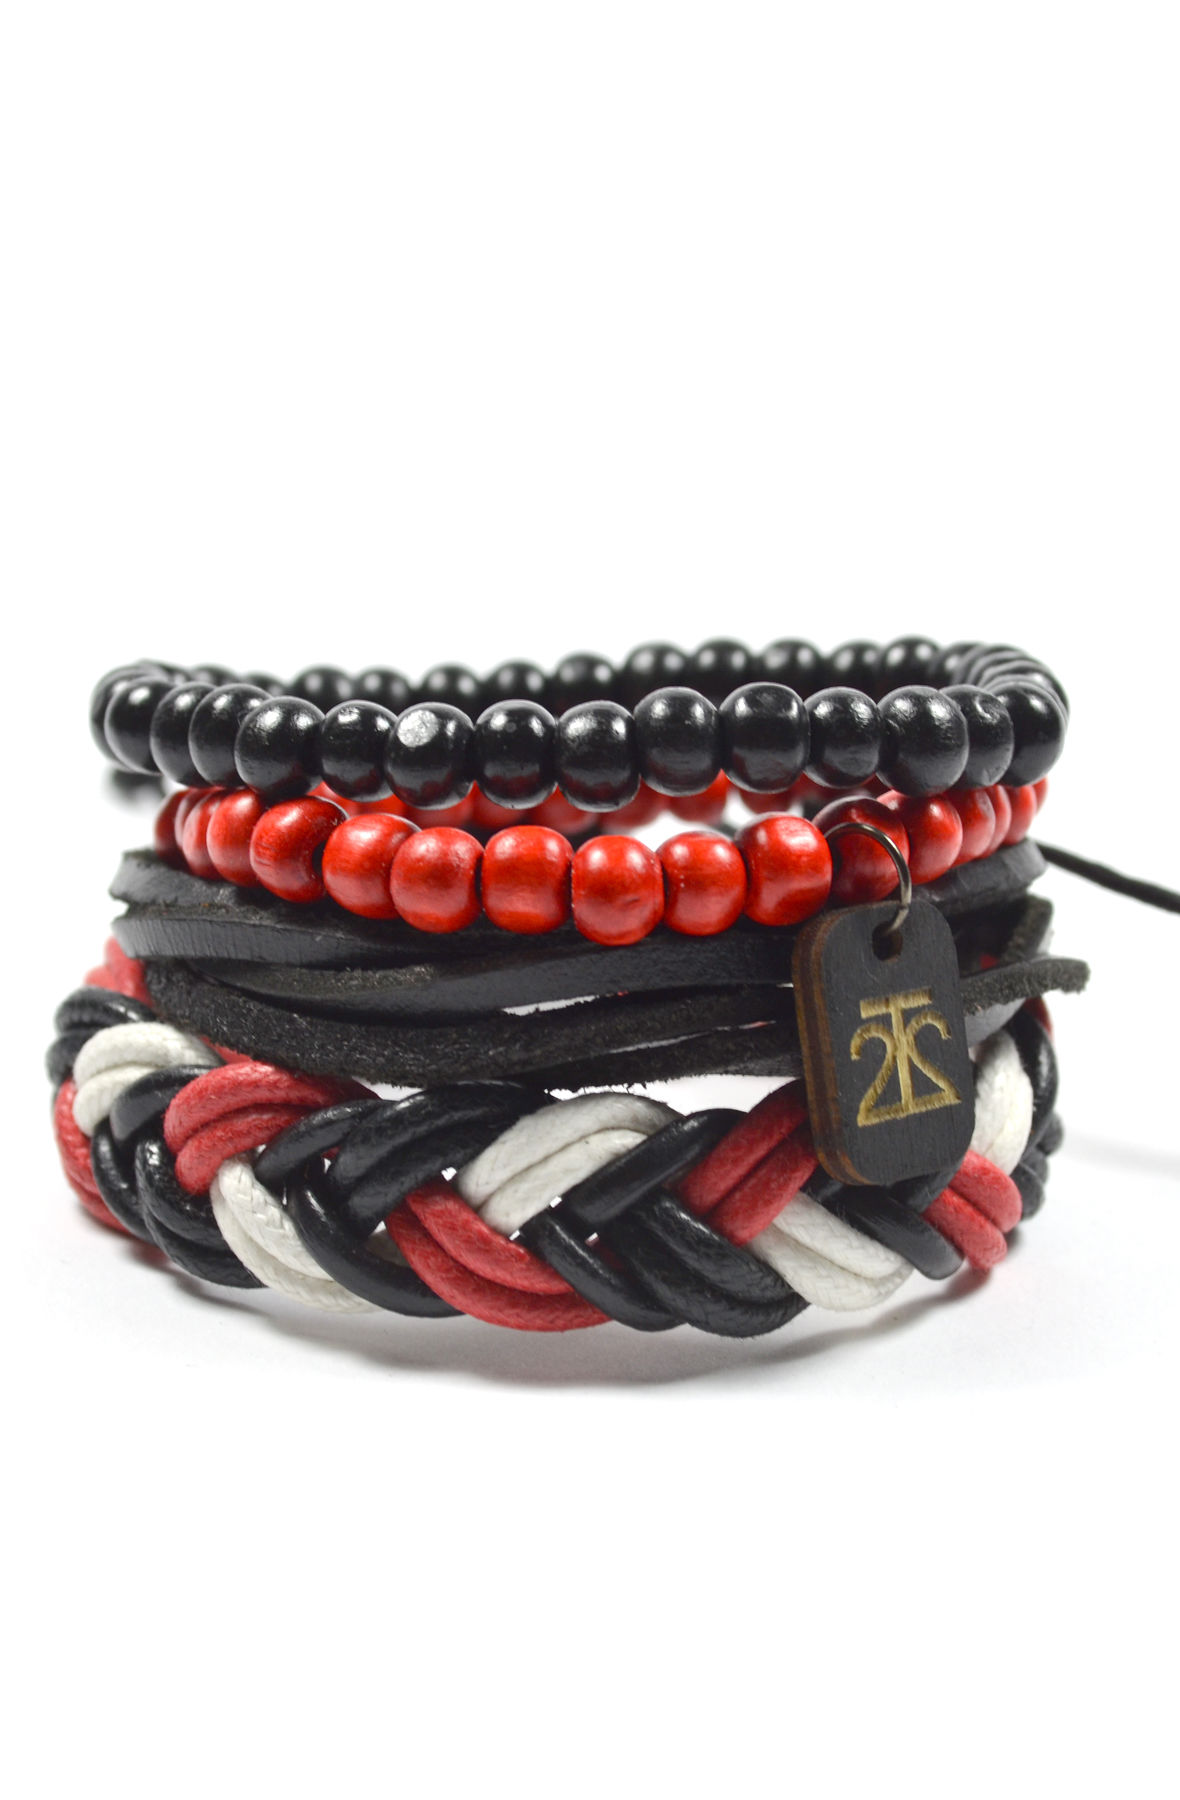 Image of 4 Pack Red/Black/White Men's Bracelet Set